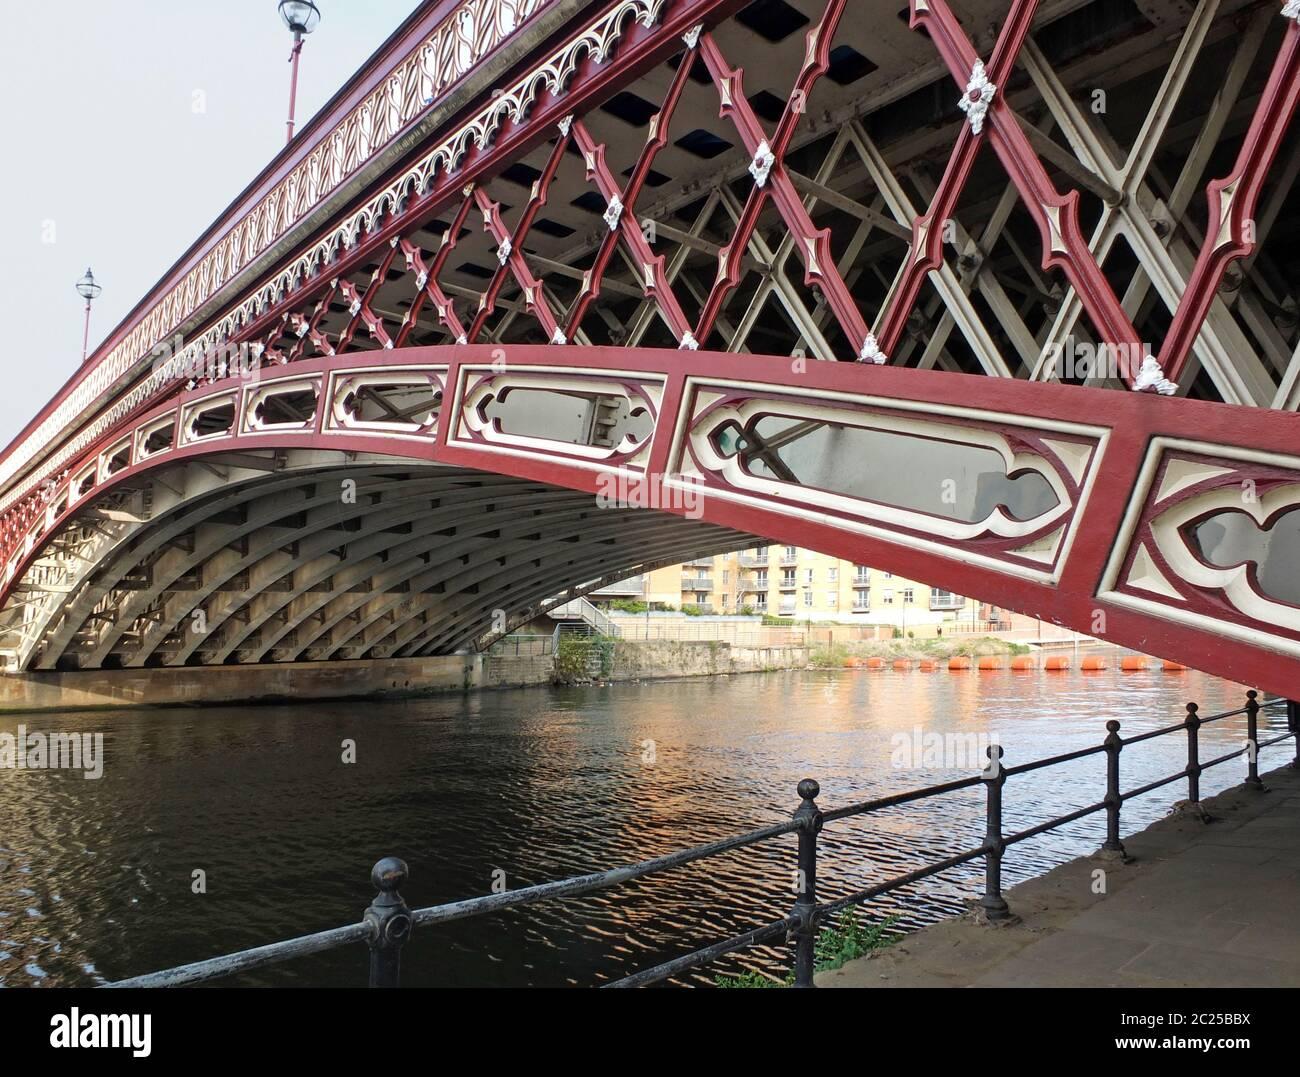 el histórico puente de punta de corona del siglo xix que cruza el río aire en leeds Foto de stock